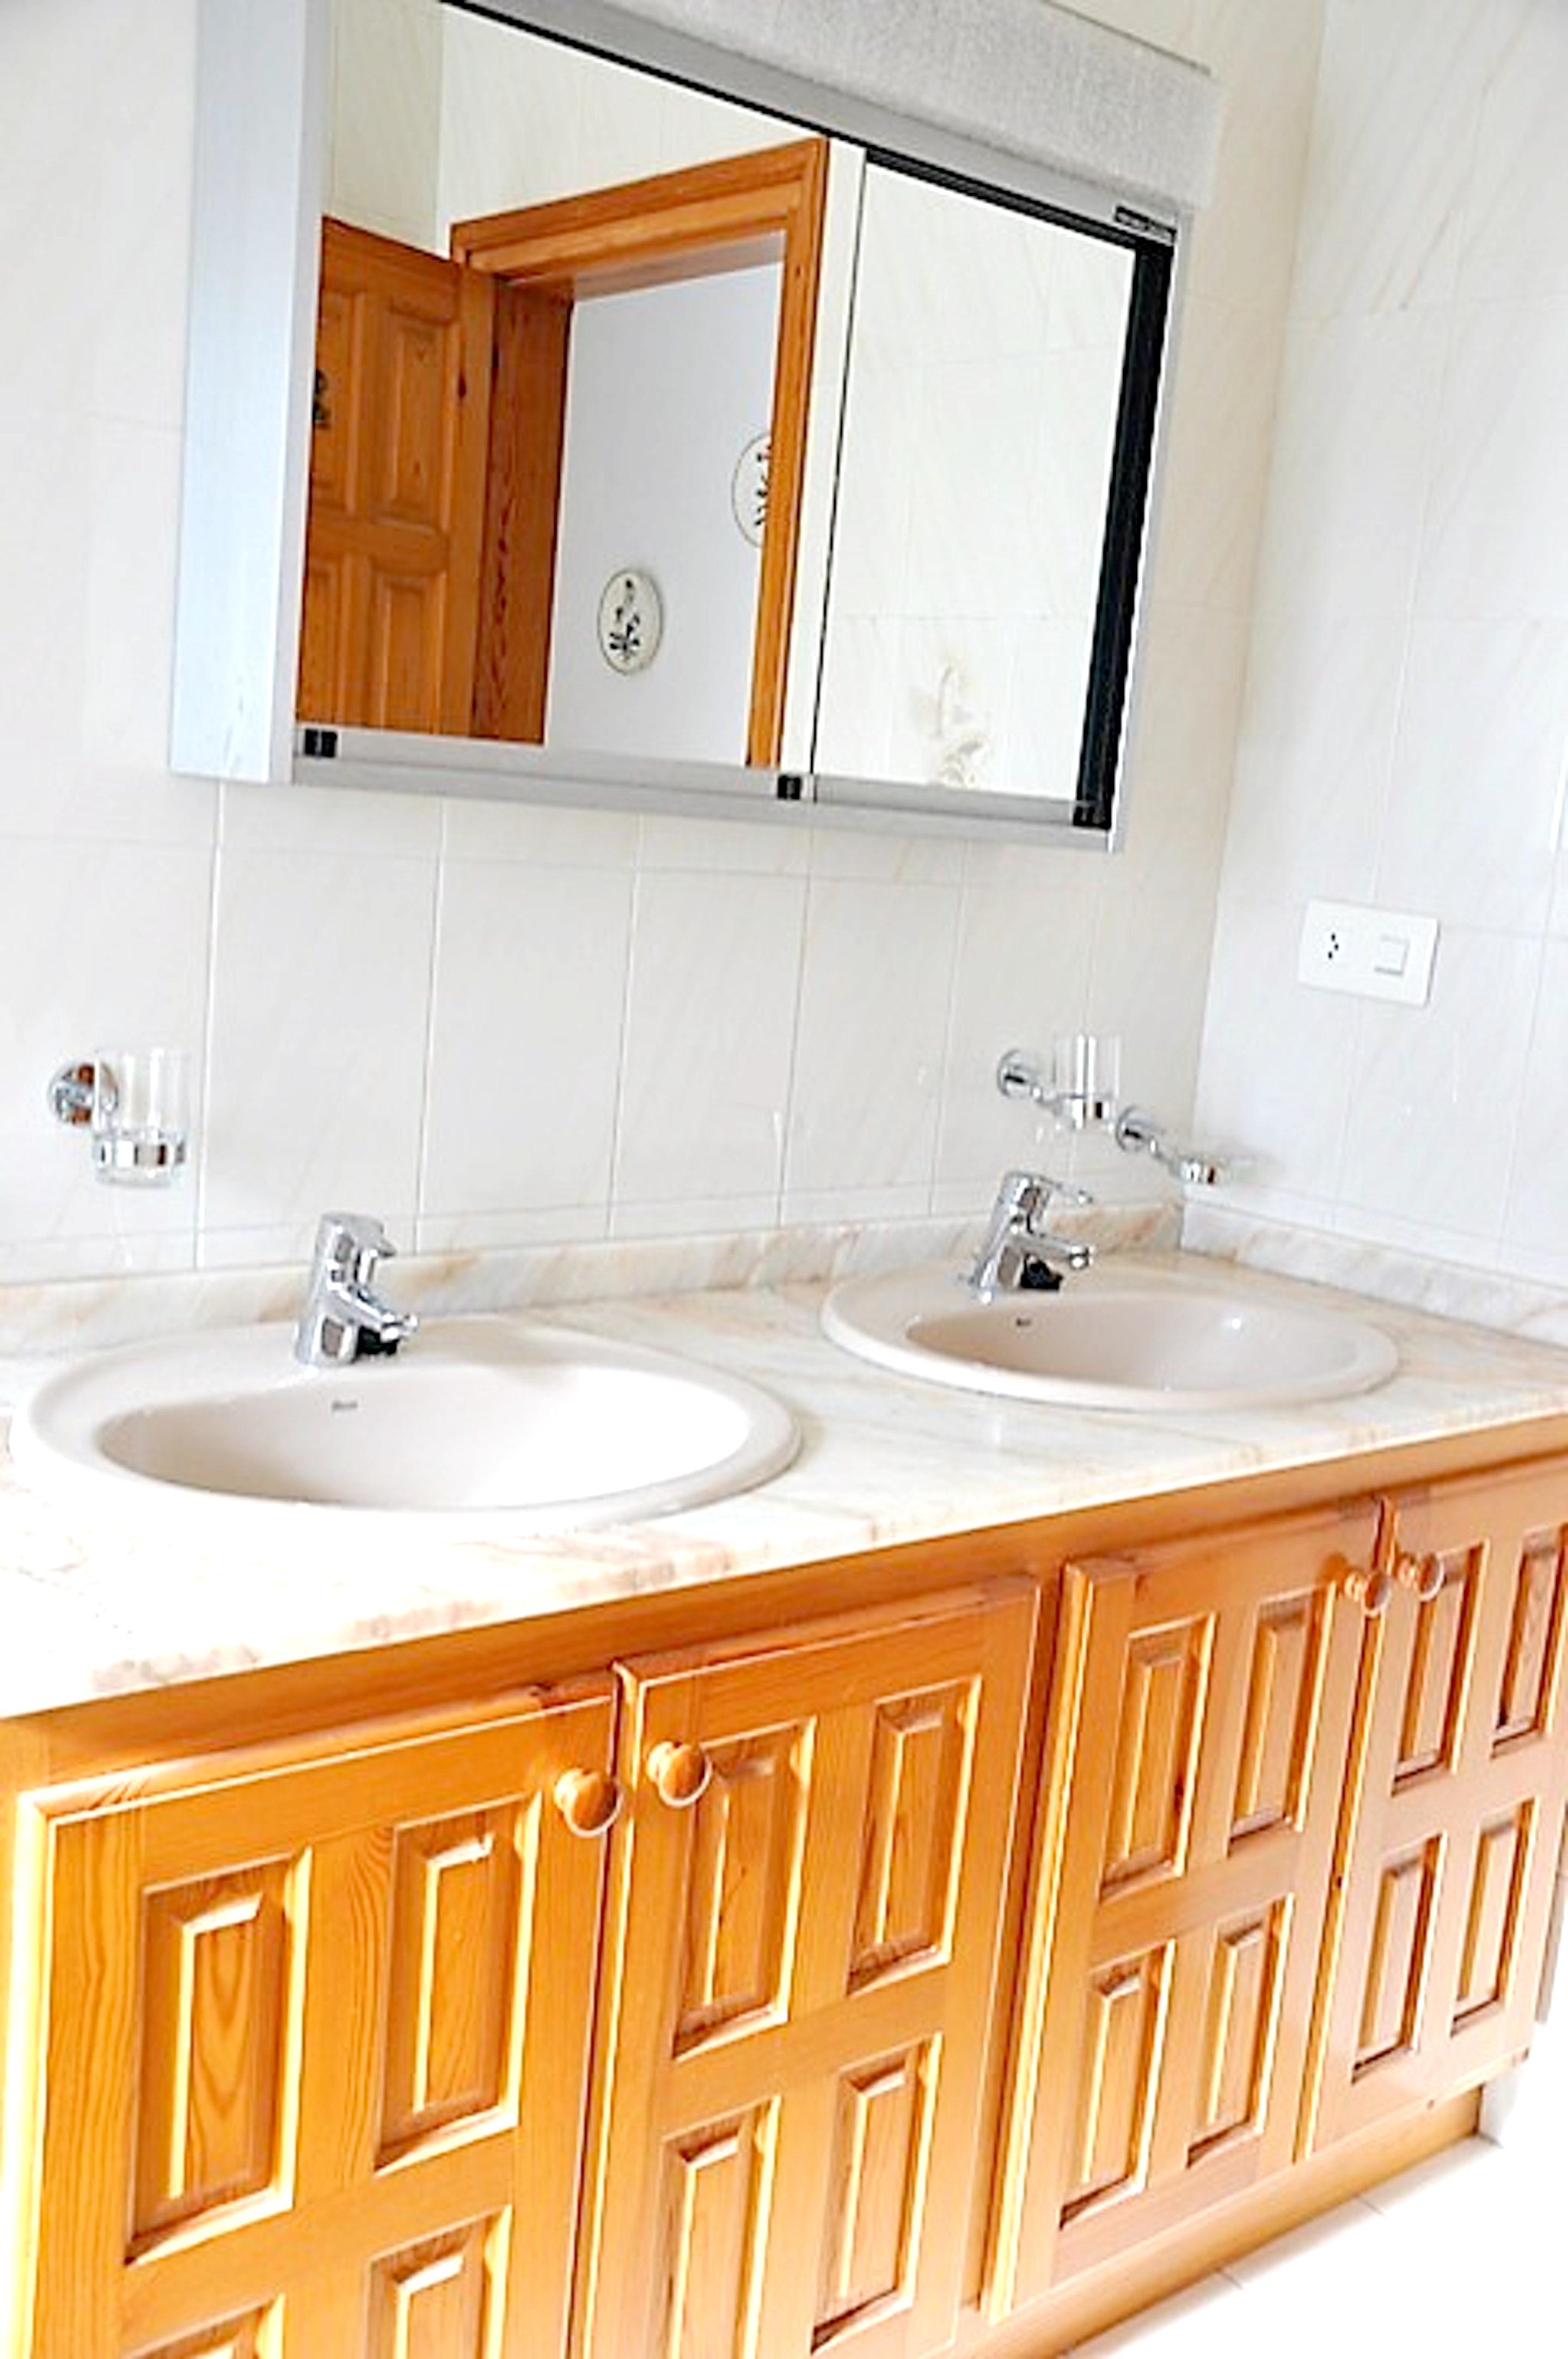 Ferienhaus Villa mit 3 Schlafzimmern in Ampolla mit herrlichem Meerblick, privatem Pool, möbliertem G (2201036), L'Ampolla, Costa Dorada, Katalonien, Spanien, Bild 25